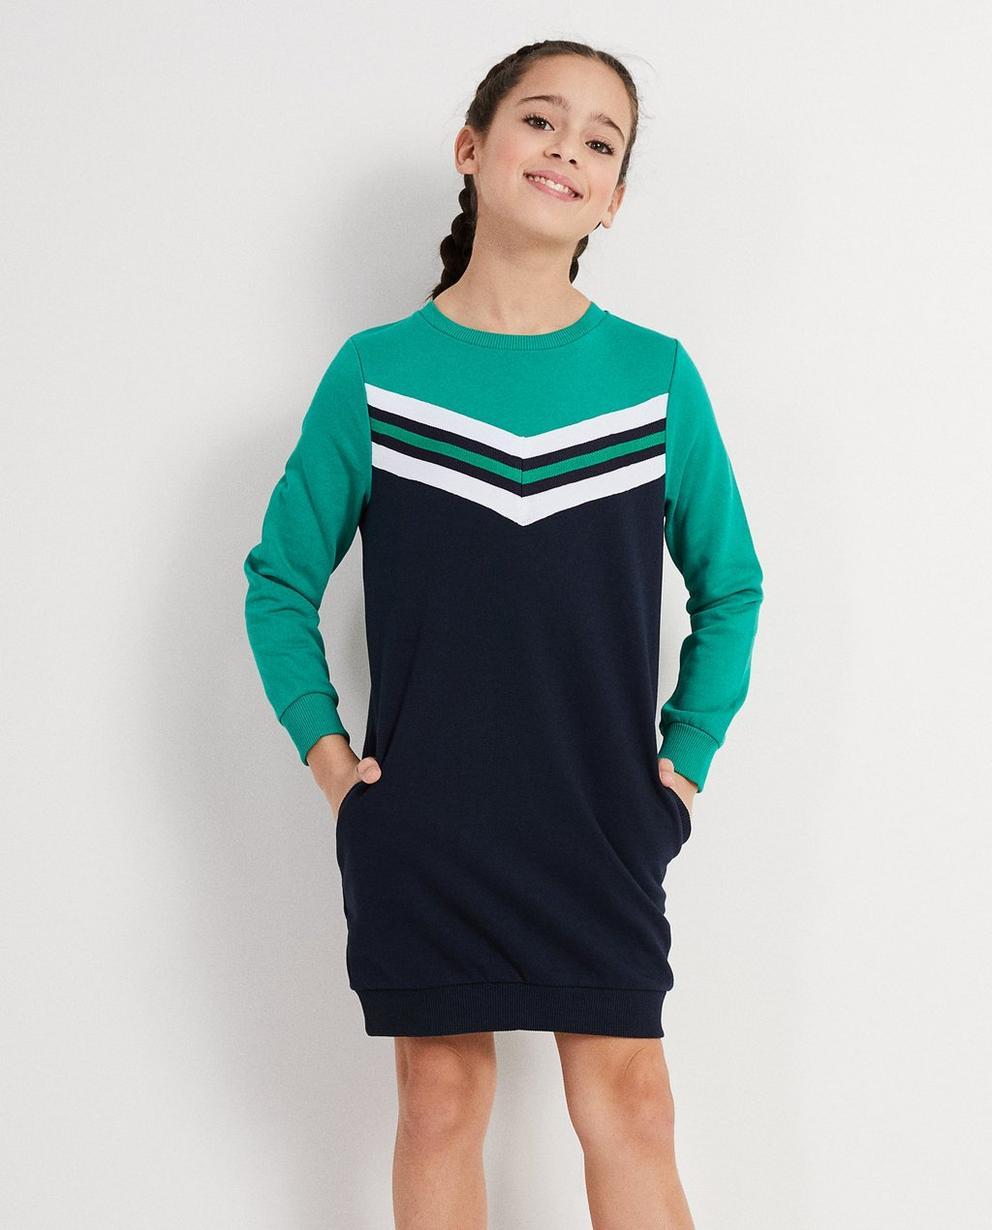 Kleider - Grün - Colour-Block-Kleidchen